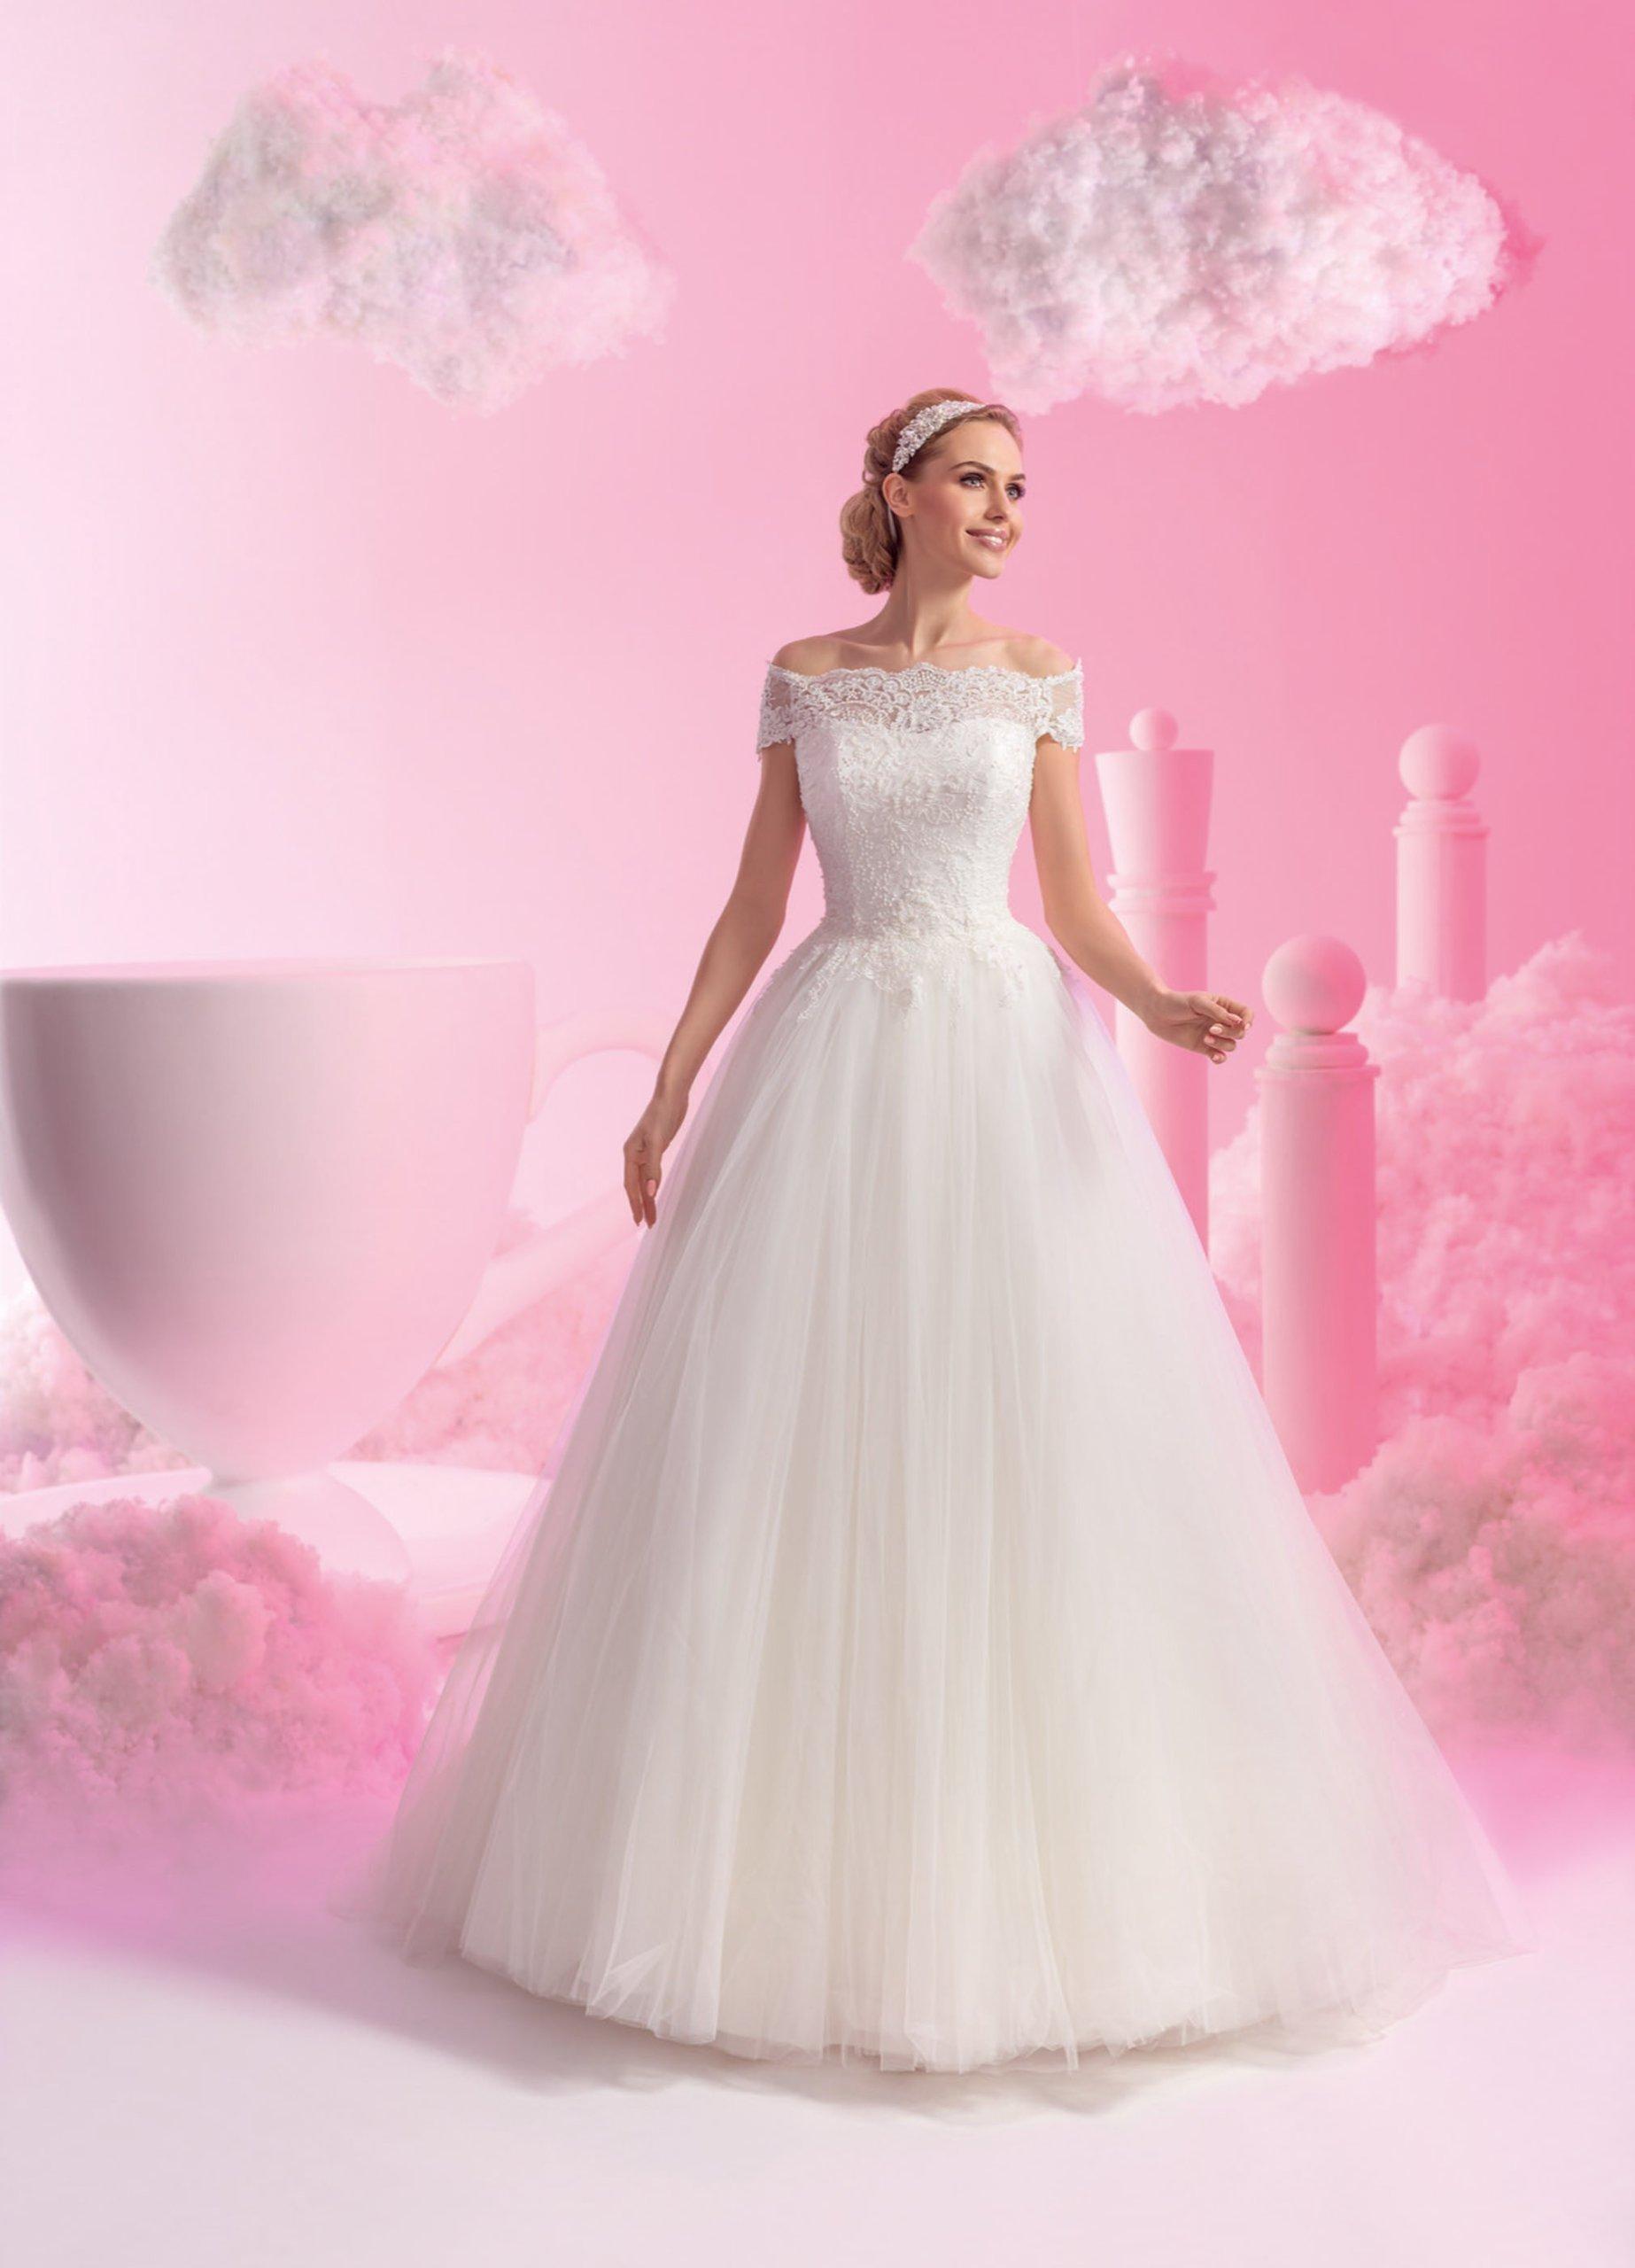 943699f5bc Śliczna suknia ślubna Elizabeth Konin - 7486003500 - oficjalne ...